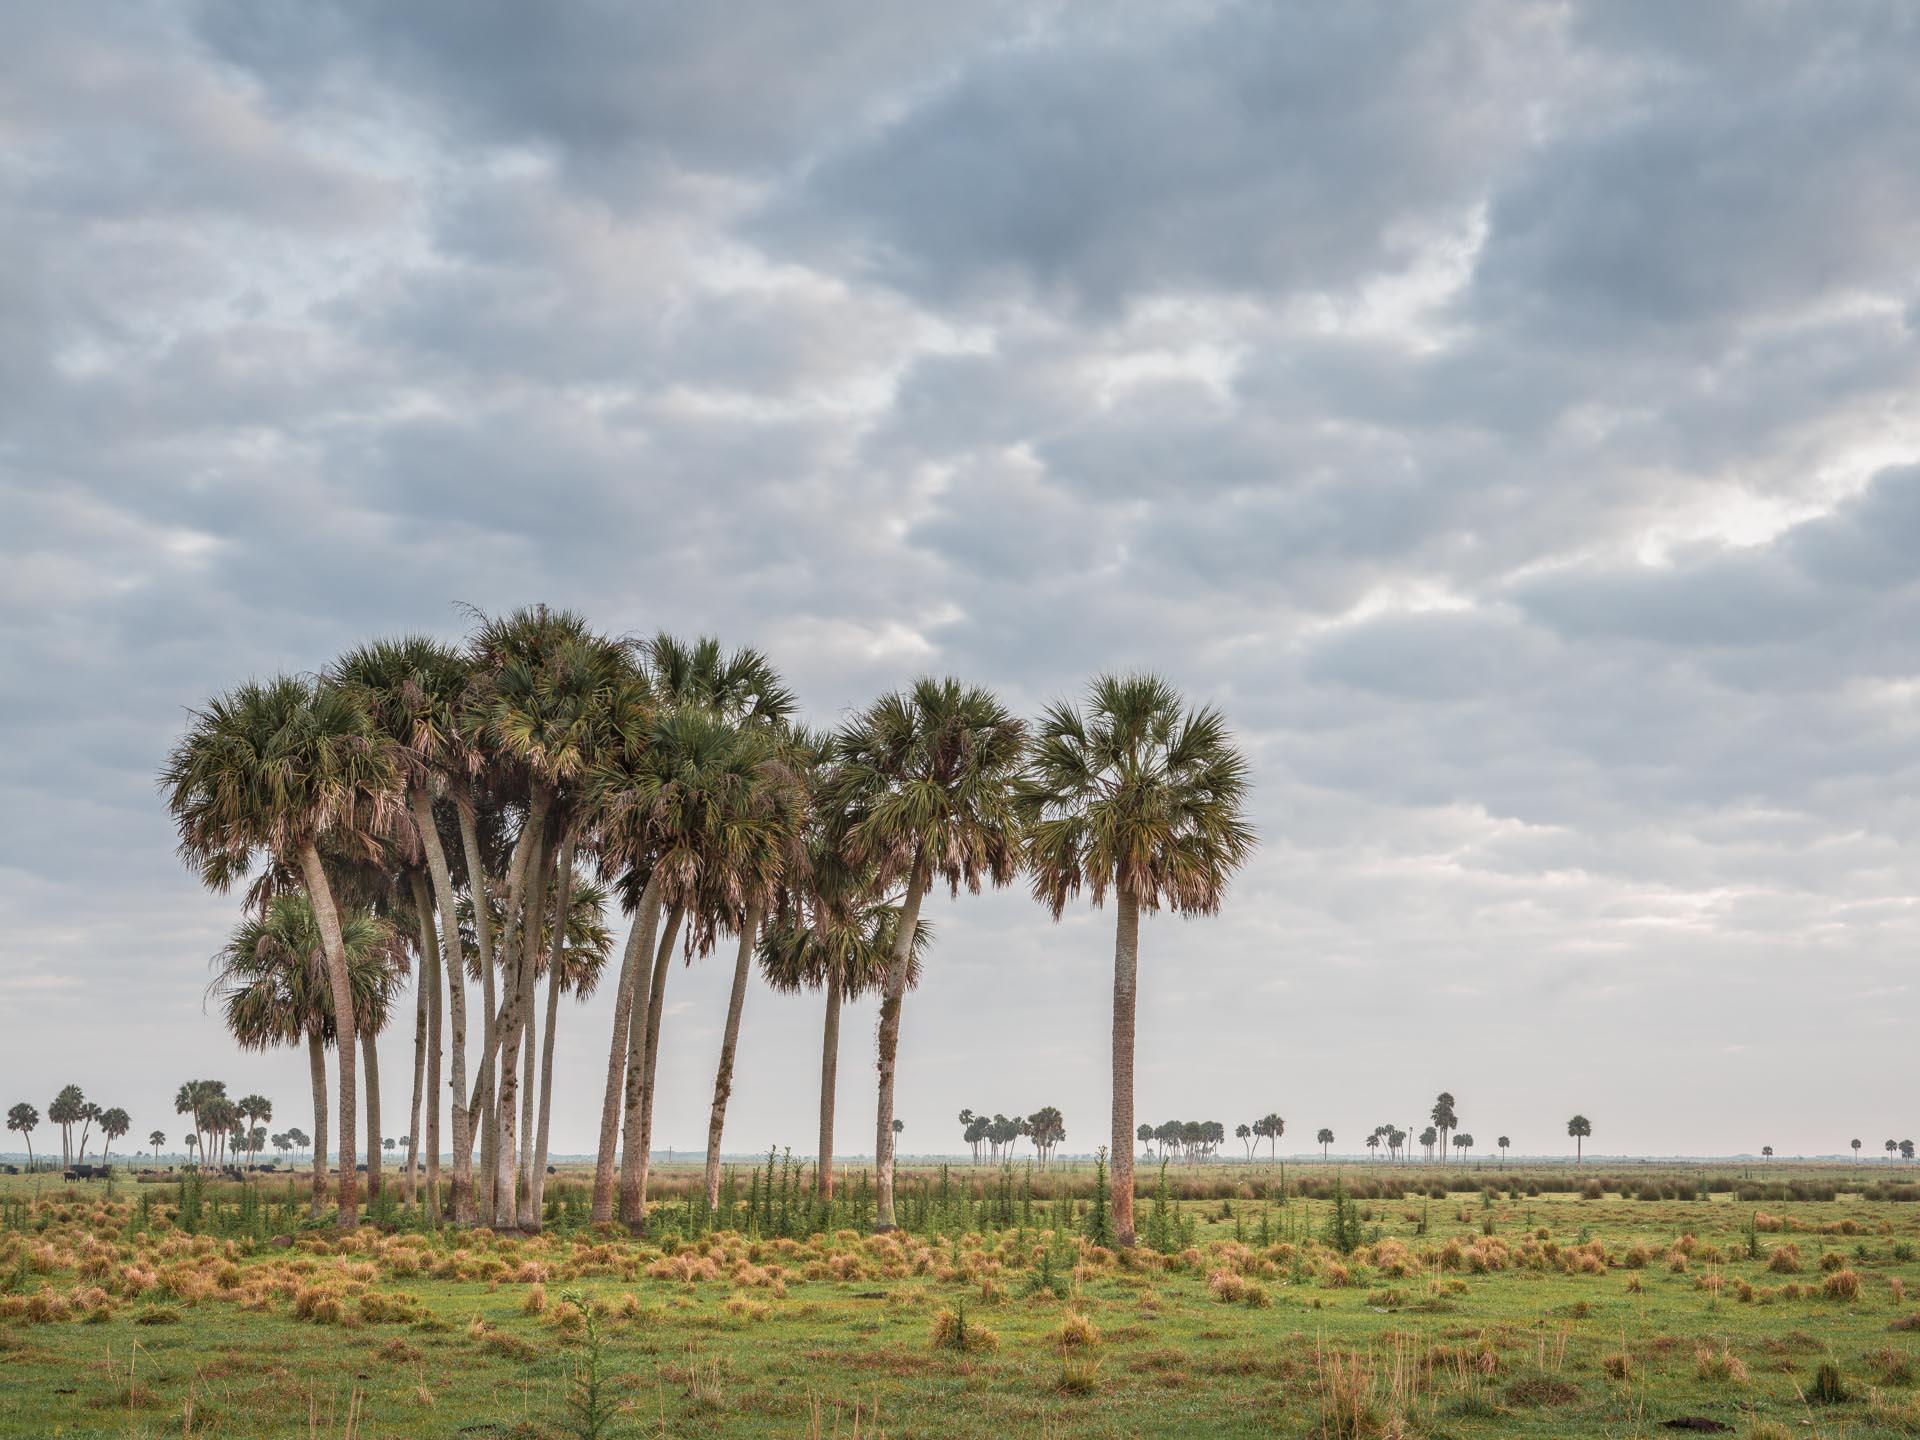 Okeechobee, Florida